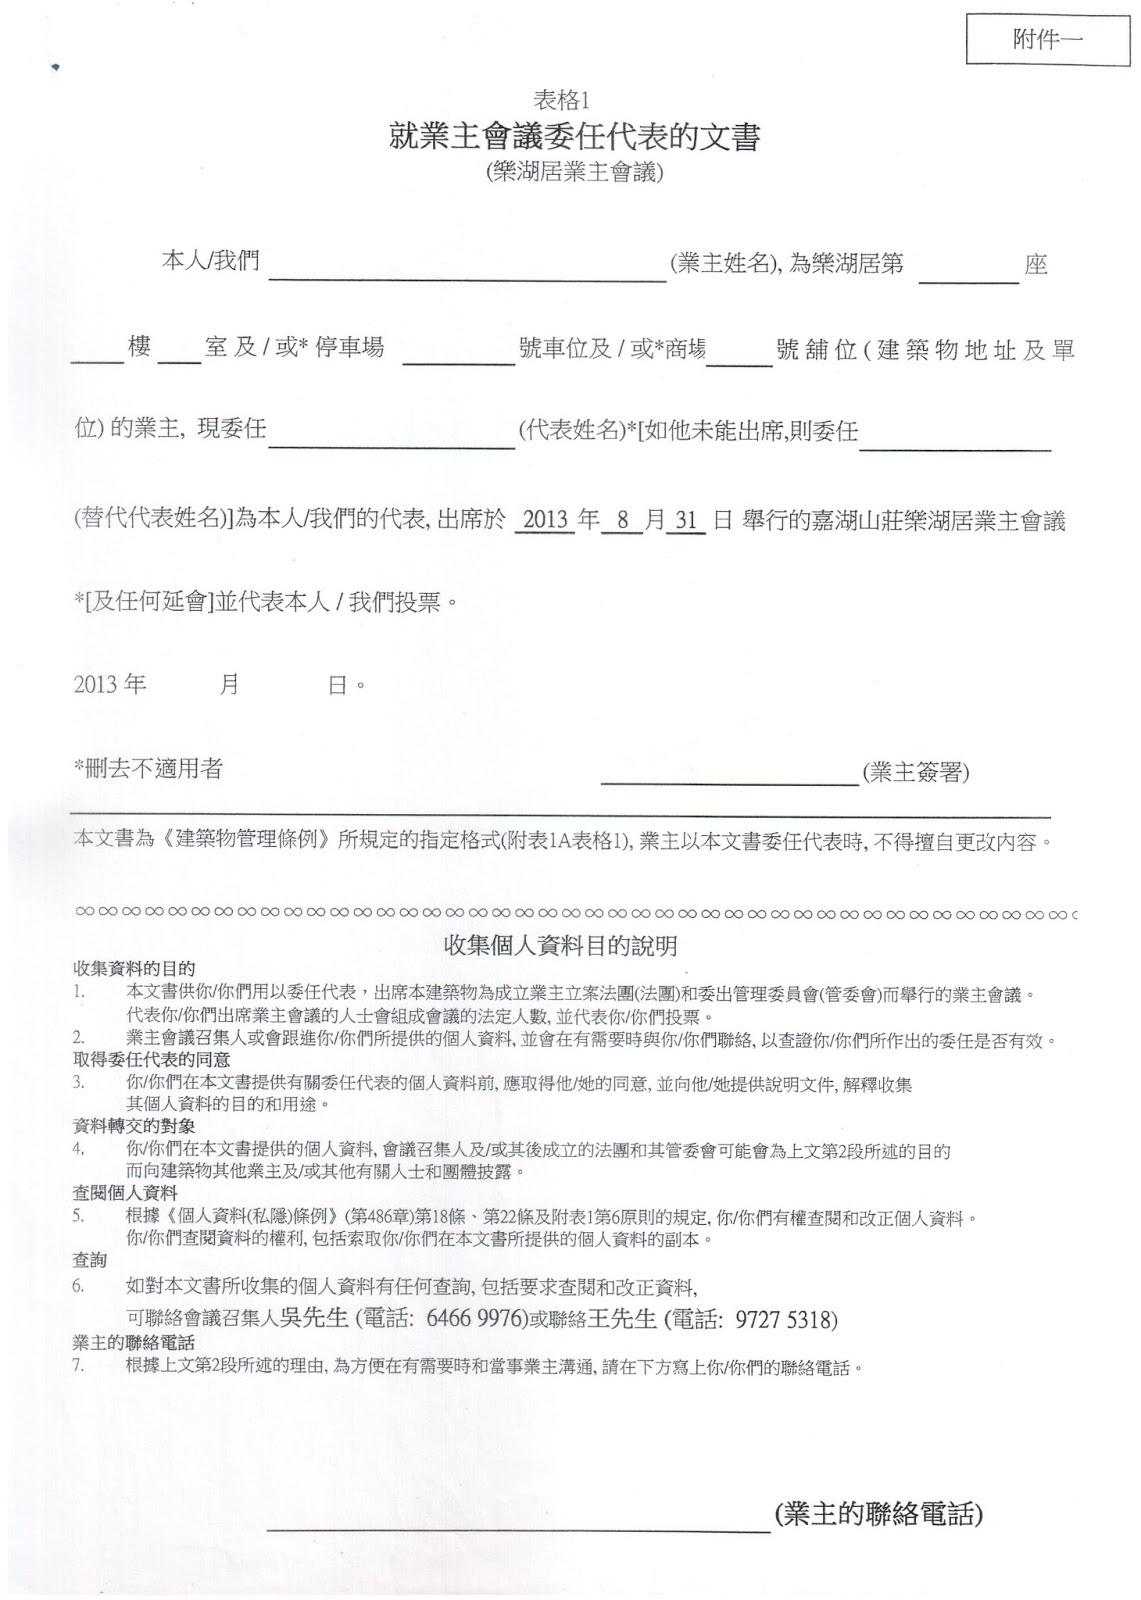 嘉湖山莊樂湖居籌備成立業主立案法團委員會